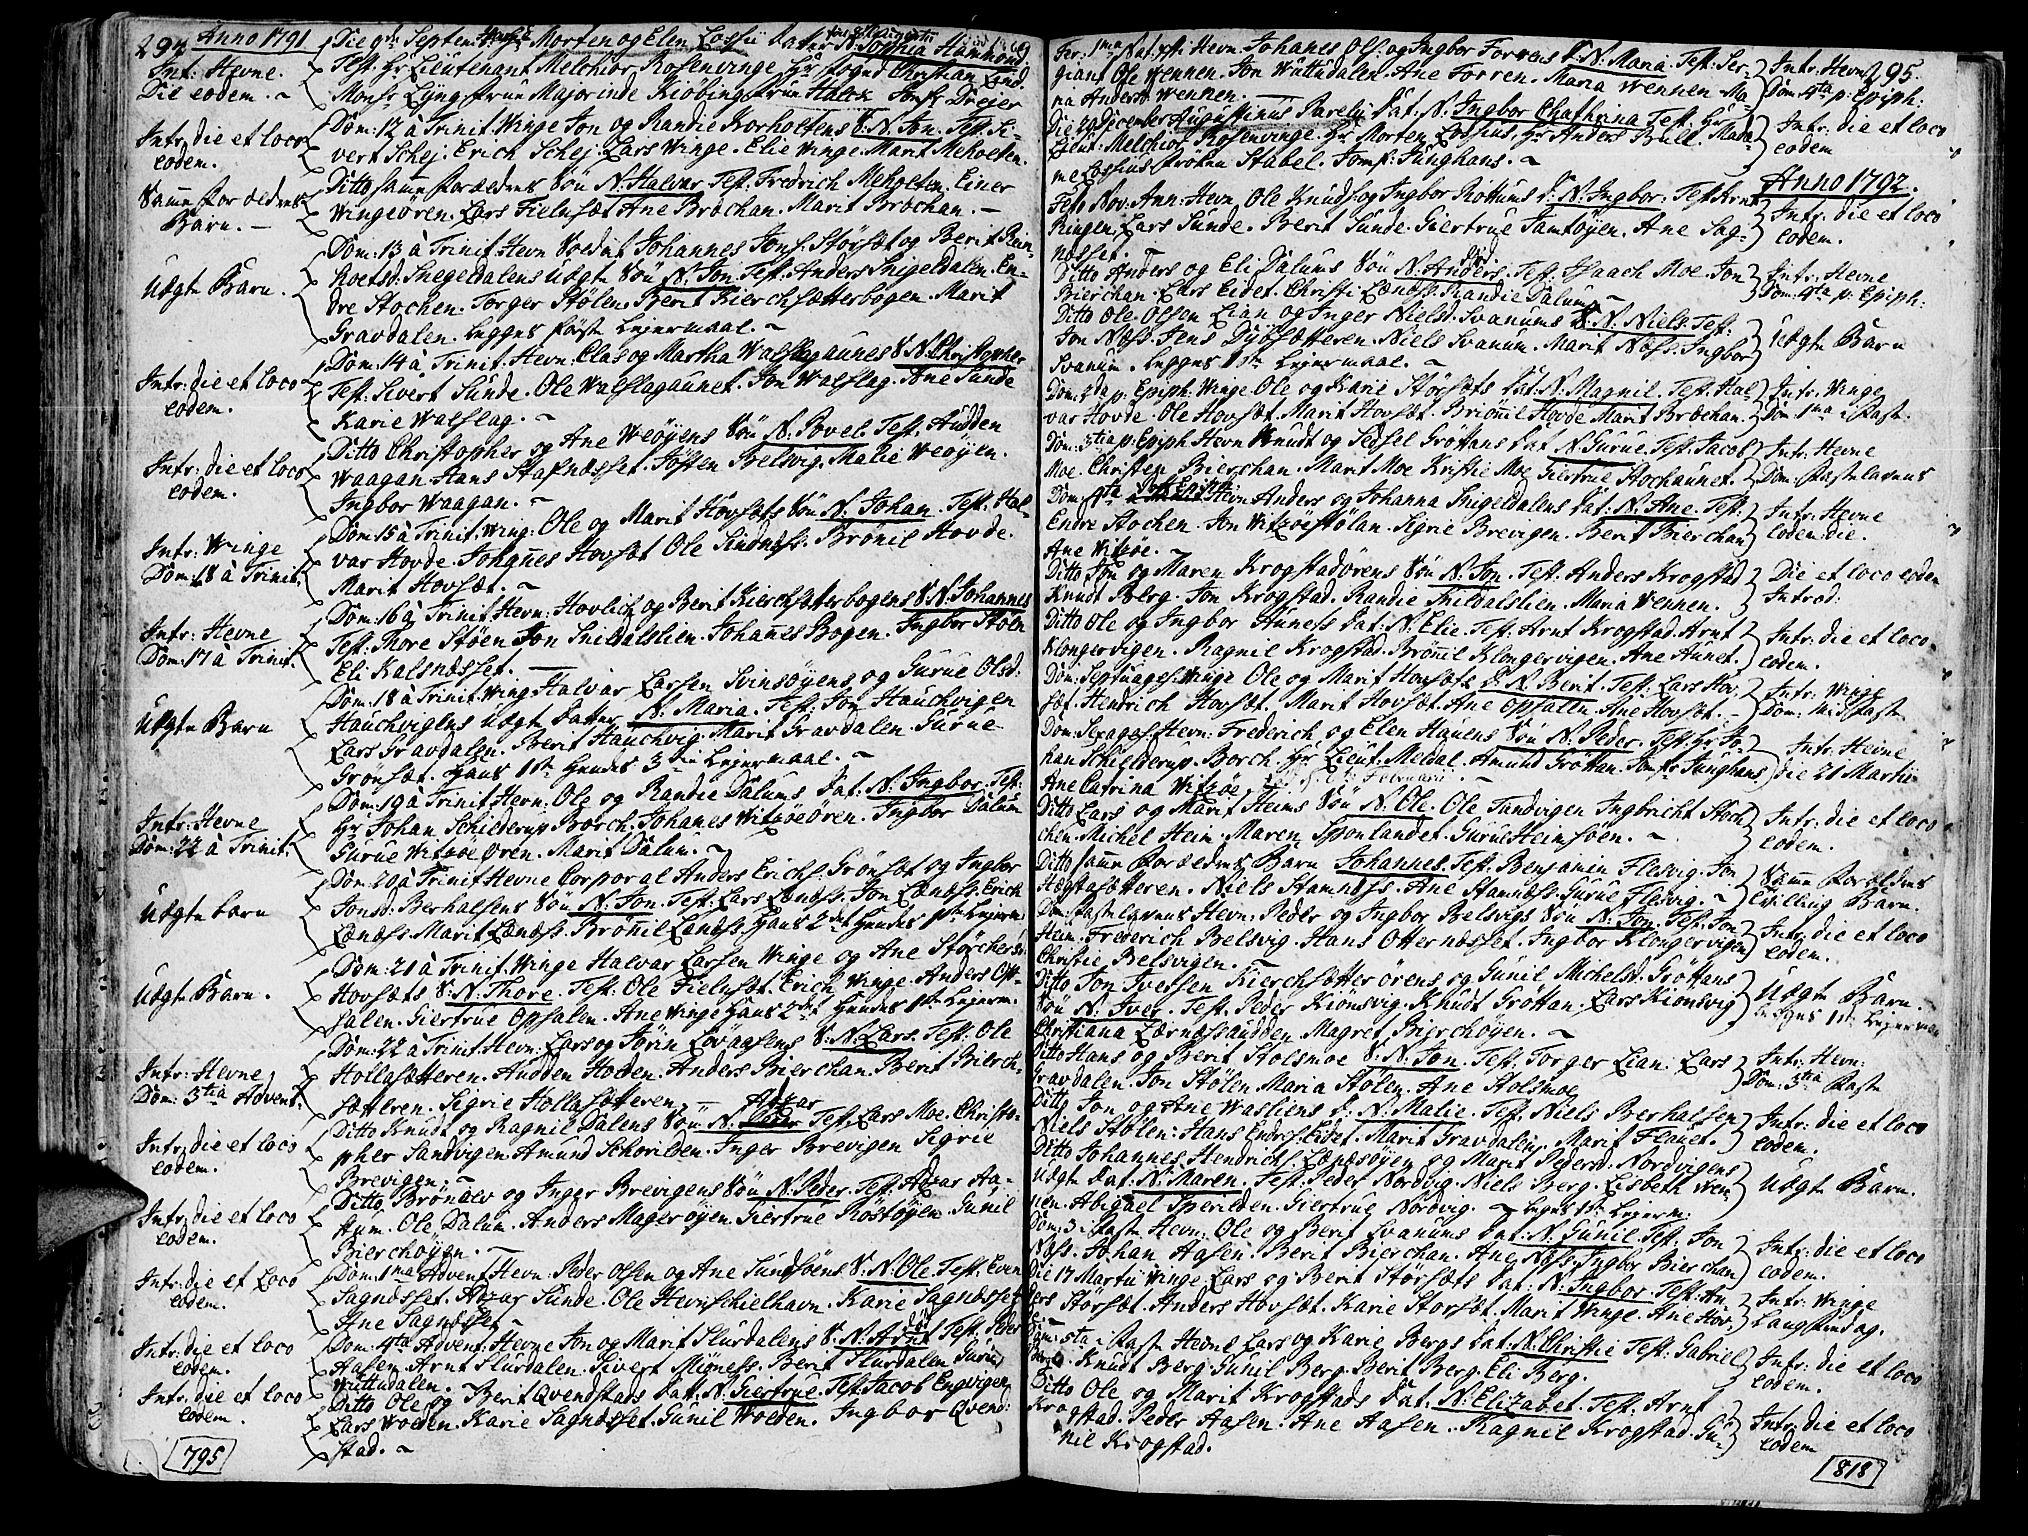 SAT, Ministerialprotokoller, klokkerbøker og fødselsregistre - Sør-Trøndelag, 630/L0489: Ministerialbok nr. 630A02, 1757-1794, s. 294-295